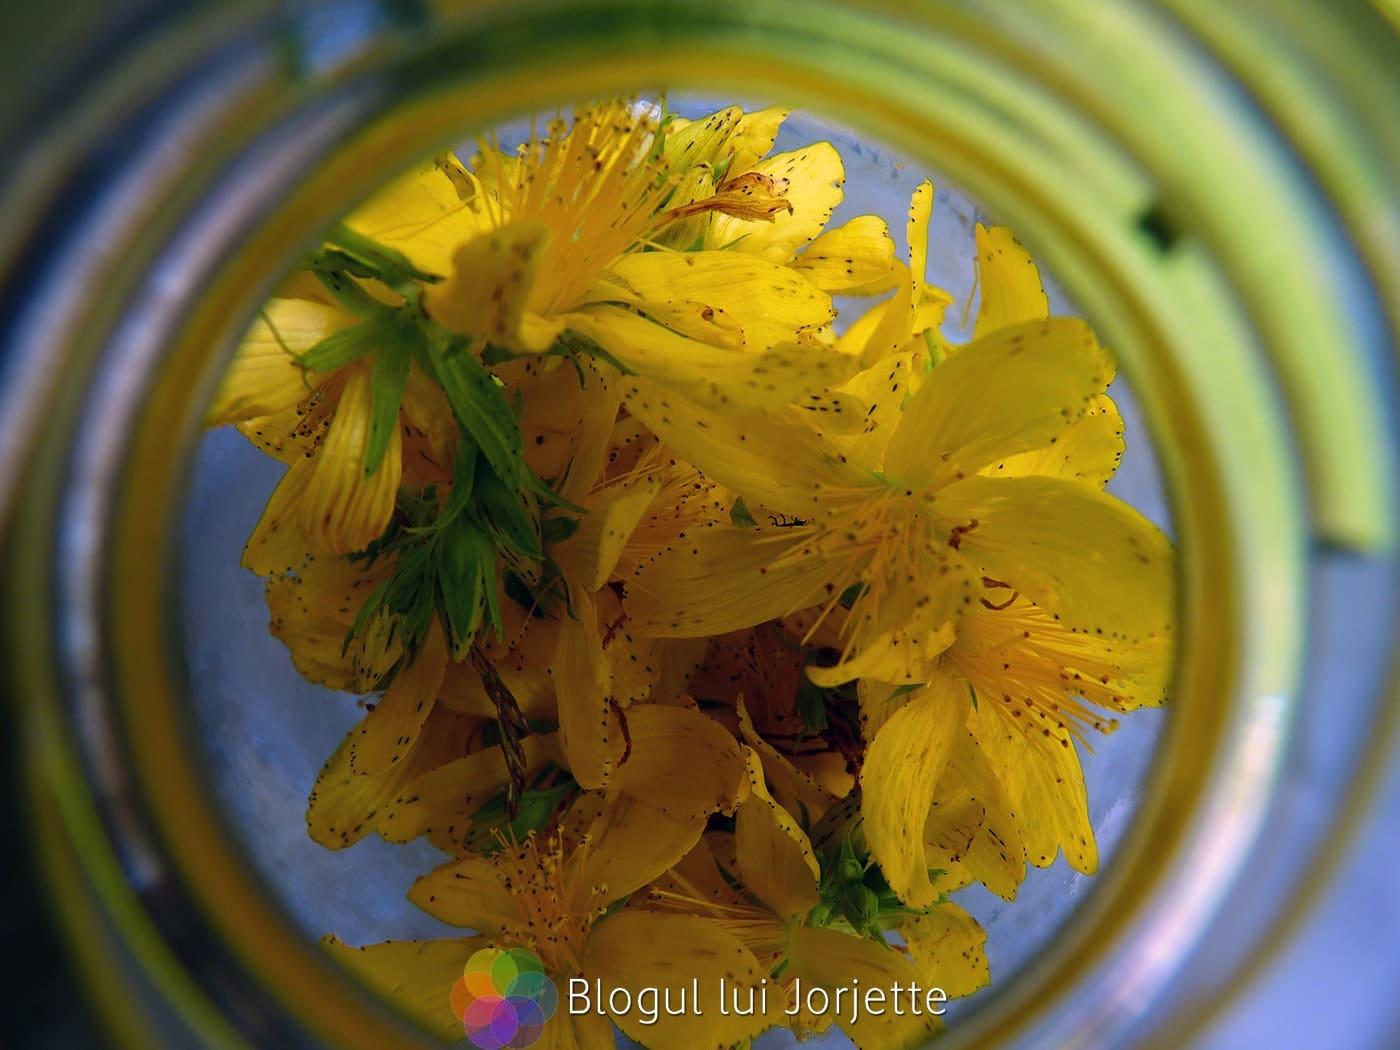 Flori de sunatoare